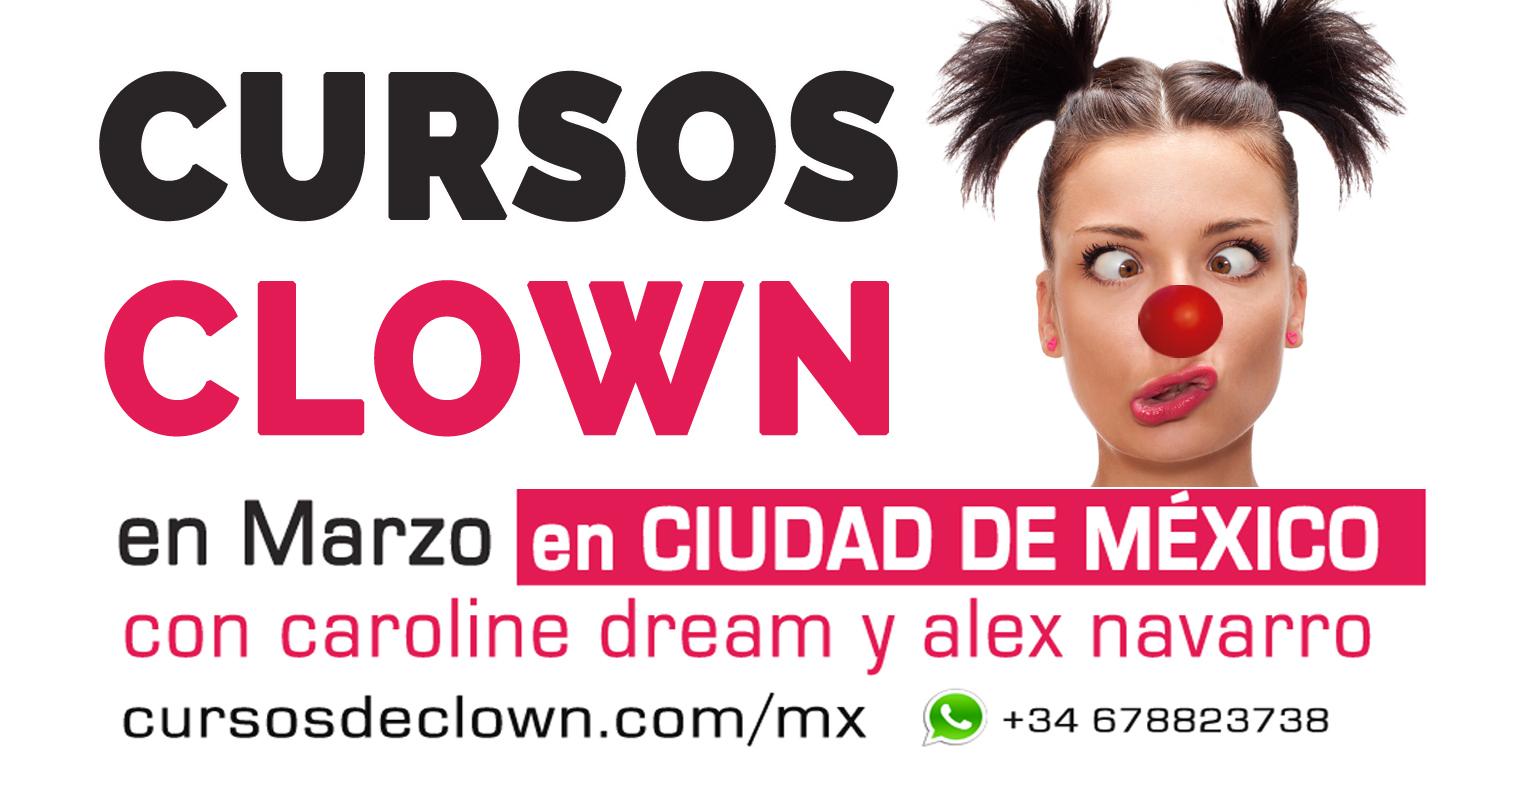 Cursos de Clown en Ciudad de México por Caroline Dream y Alex Navarro